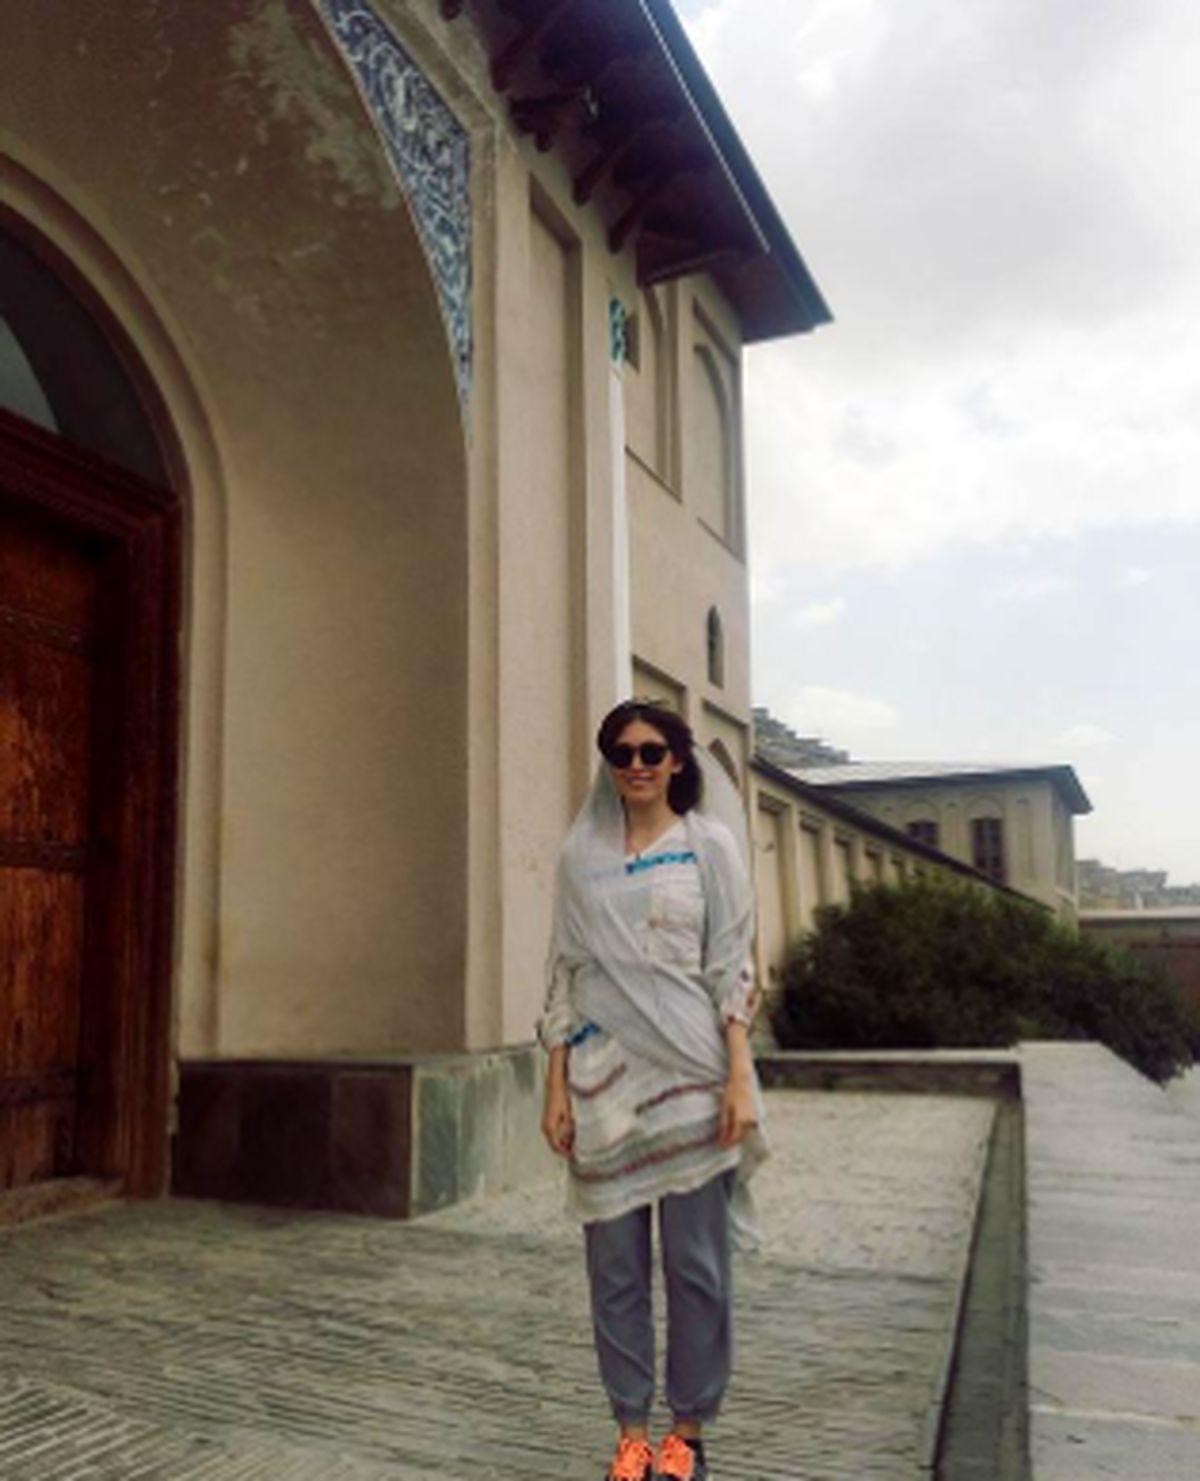 پیراهن و شلوار کوتاه فرشته حسینی در کابل + عکس